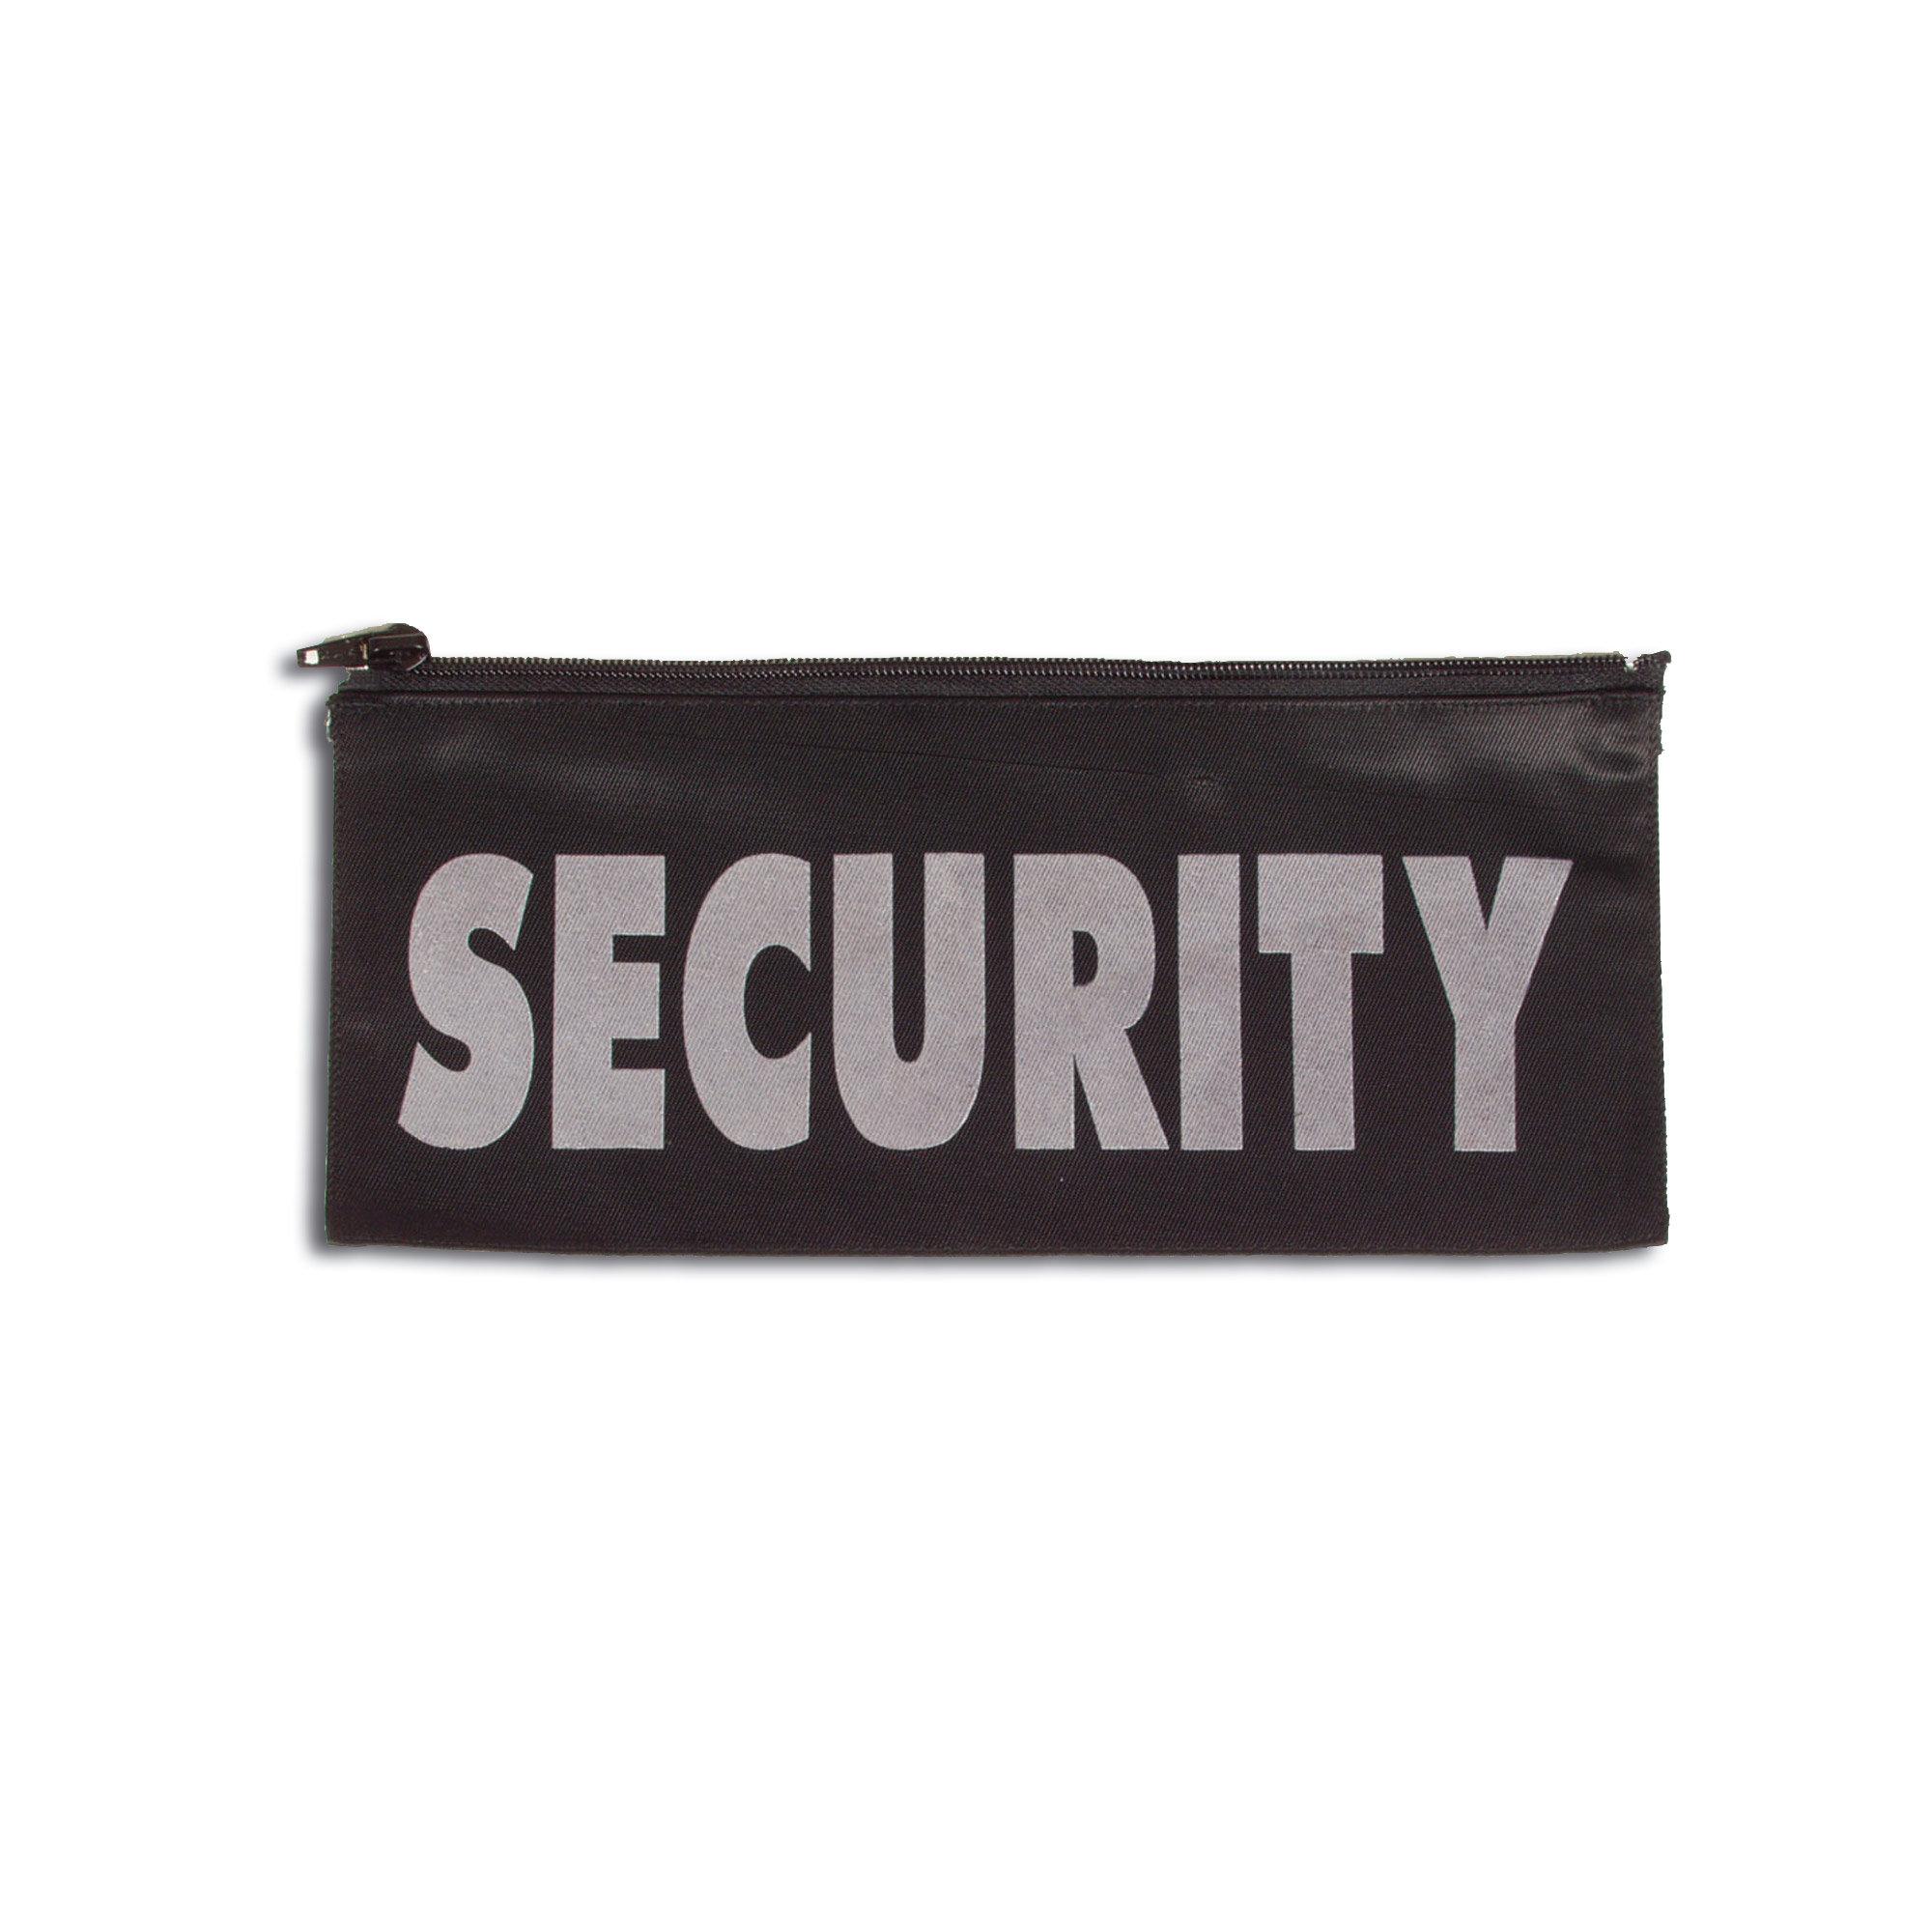 Brust-Patch mit Zipper Security